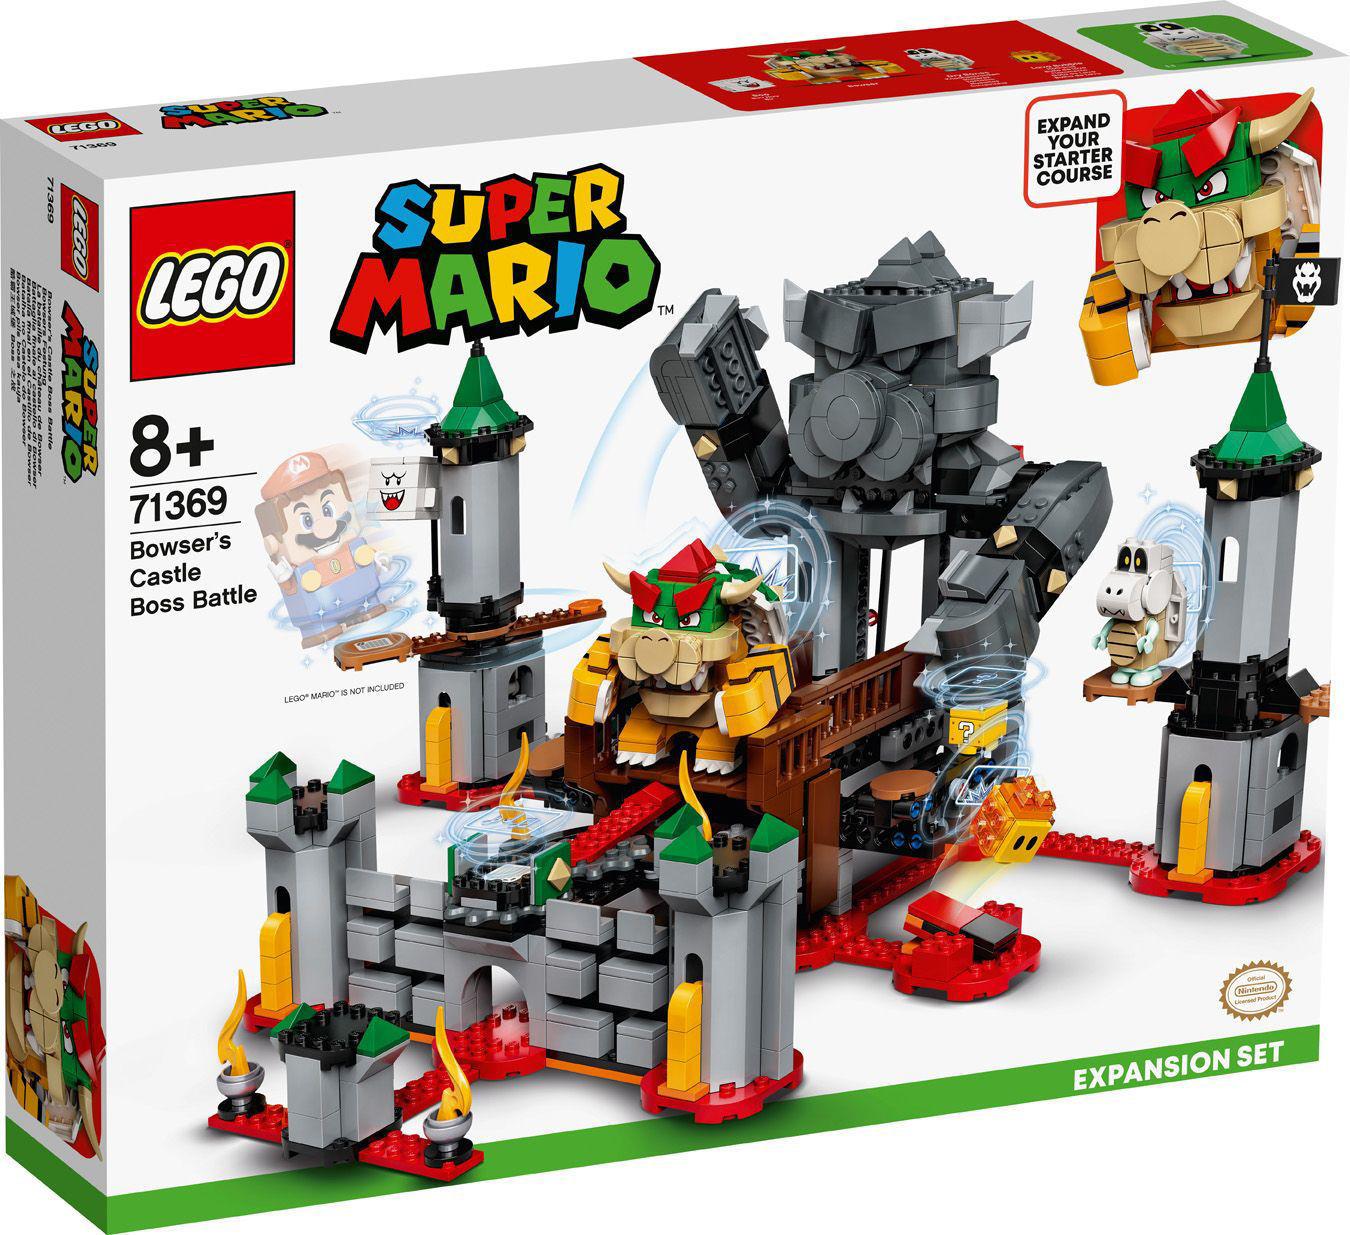 Image de LEGO Super Mario Ensemble d'Extension La bataille du château de Bowser 71369